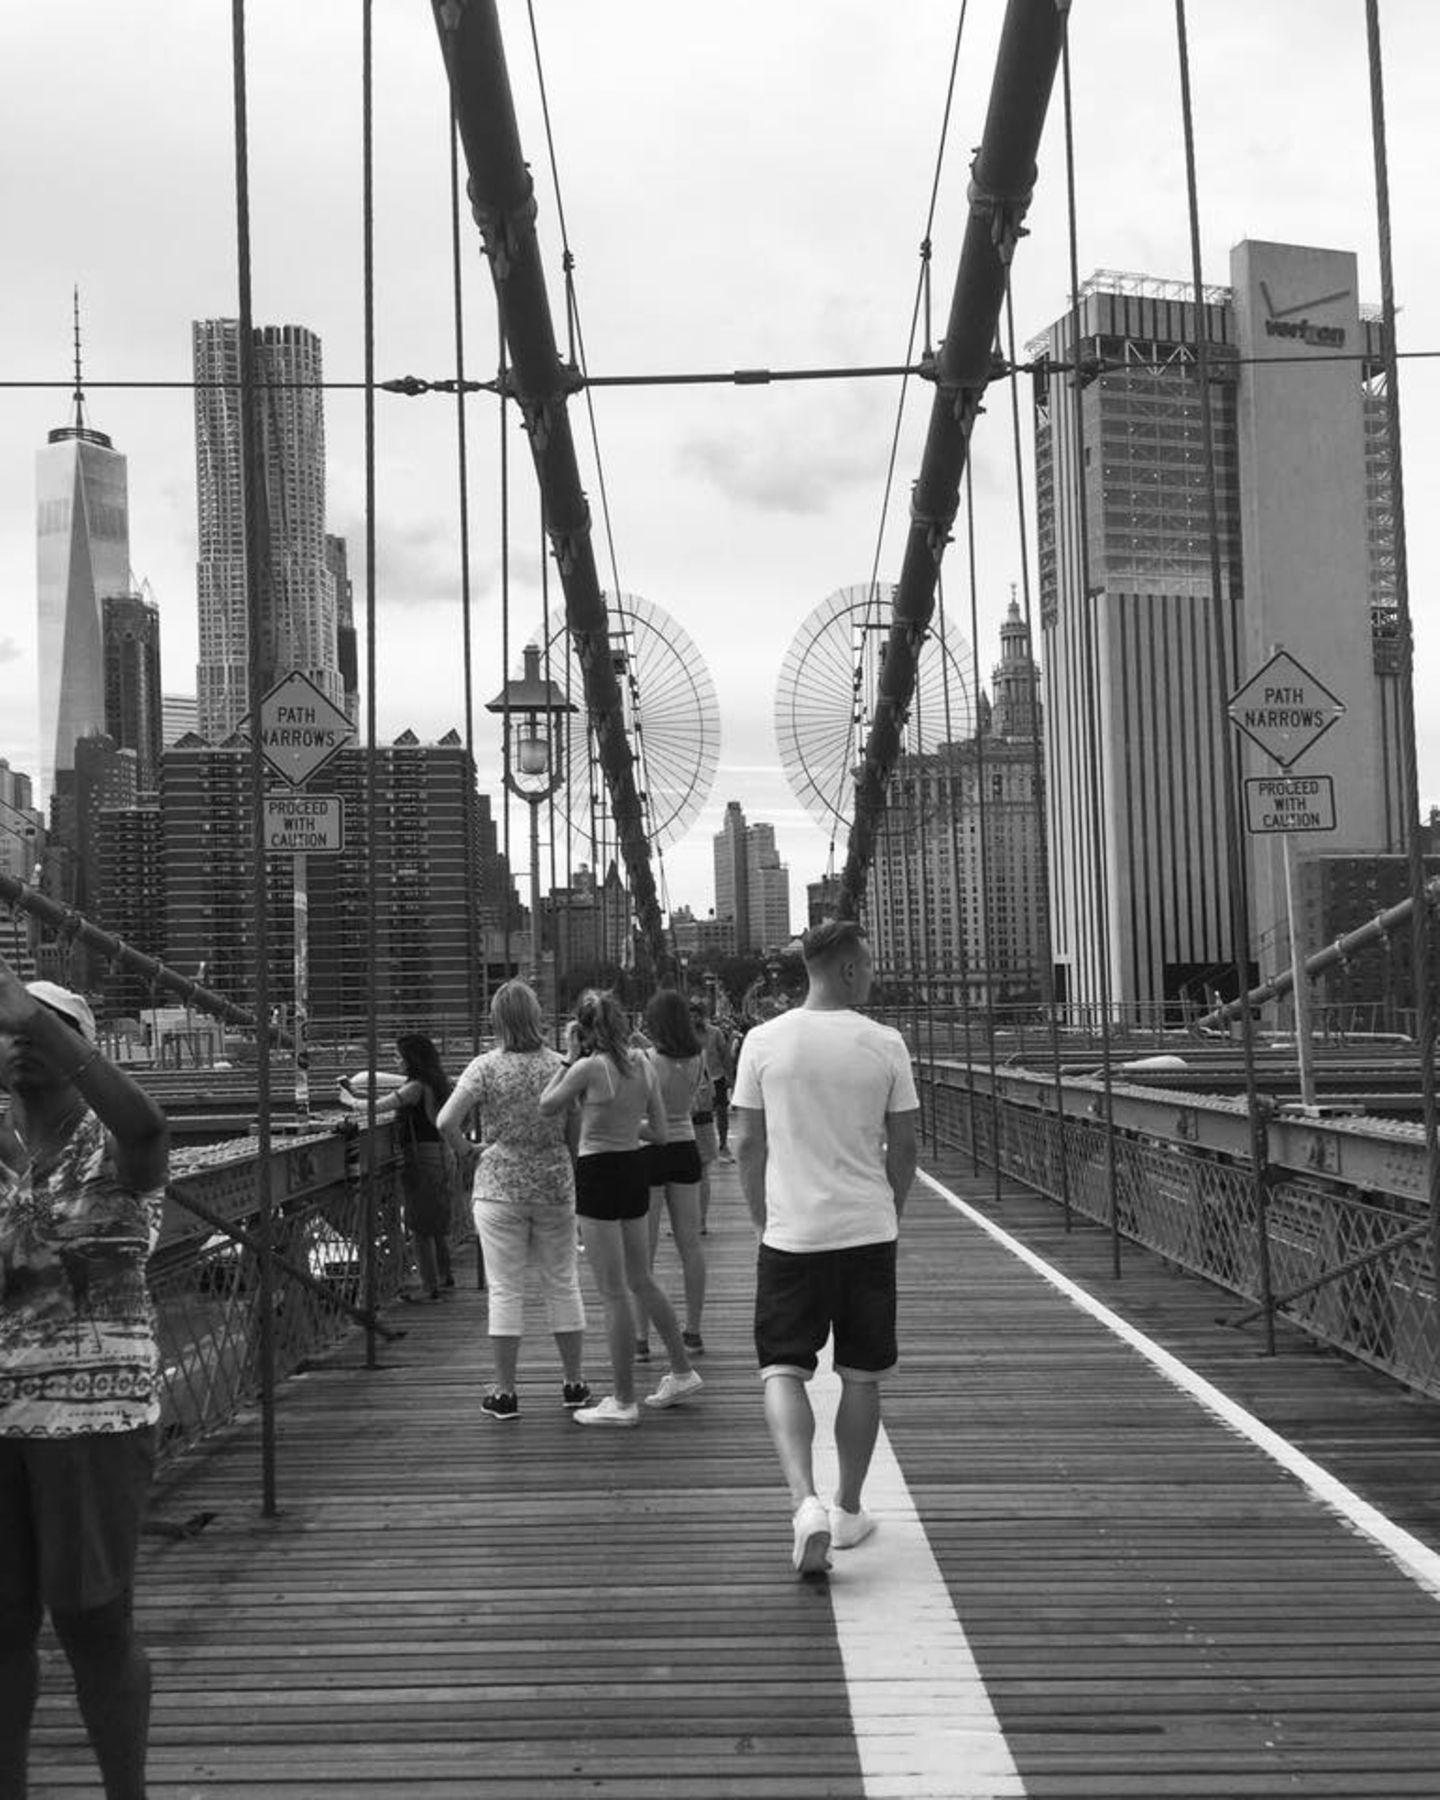 Marc-André ter Stegen bevorzugt offenbar lieber Städtereisen und entdeckt zu Fuß New York. Hier befindet er sich auf der Brooklynbridge.